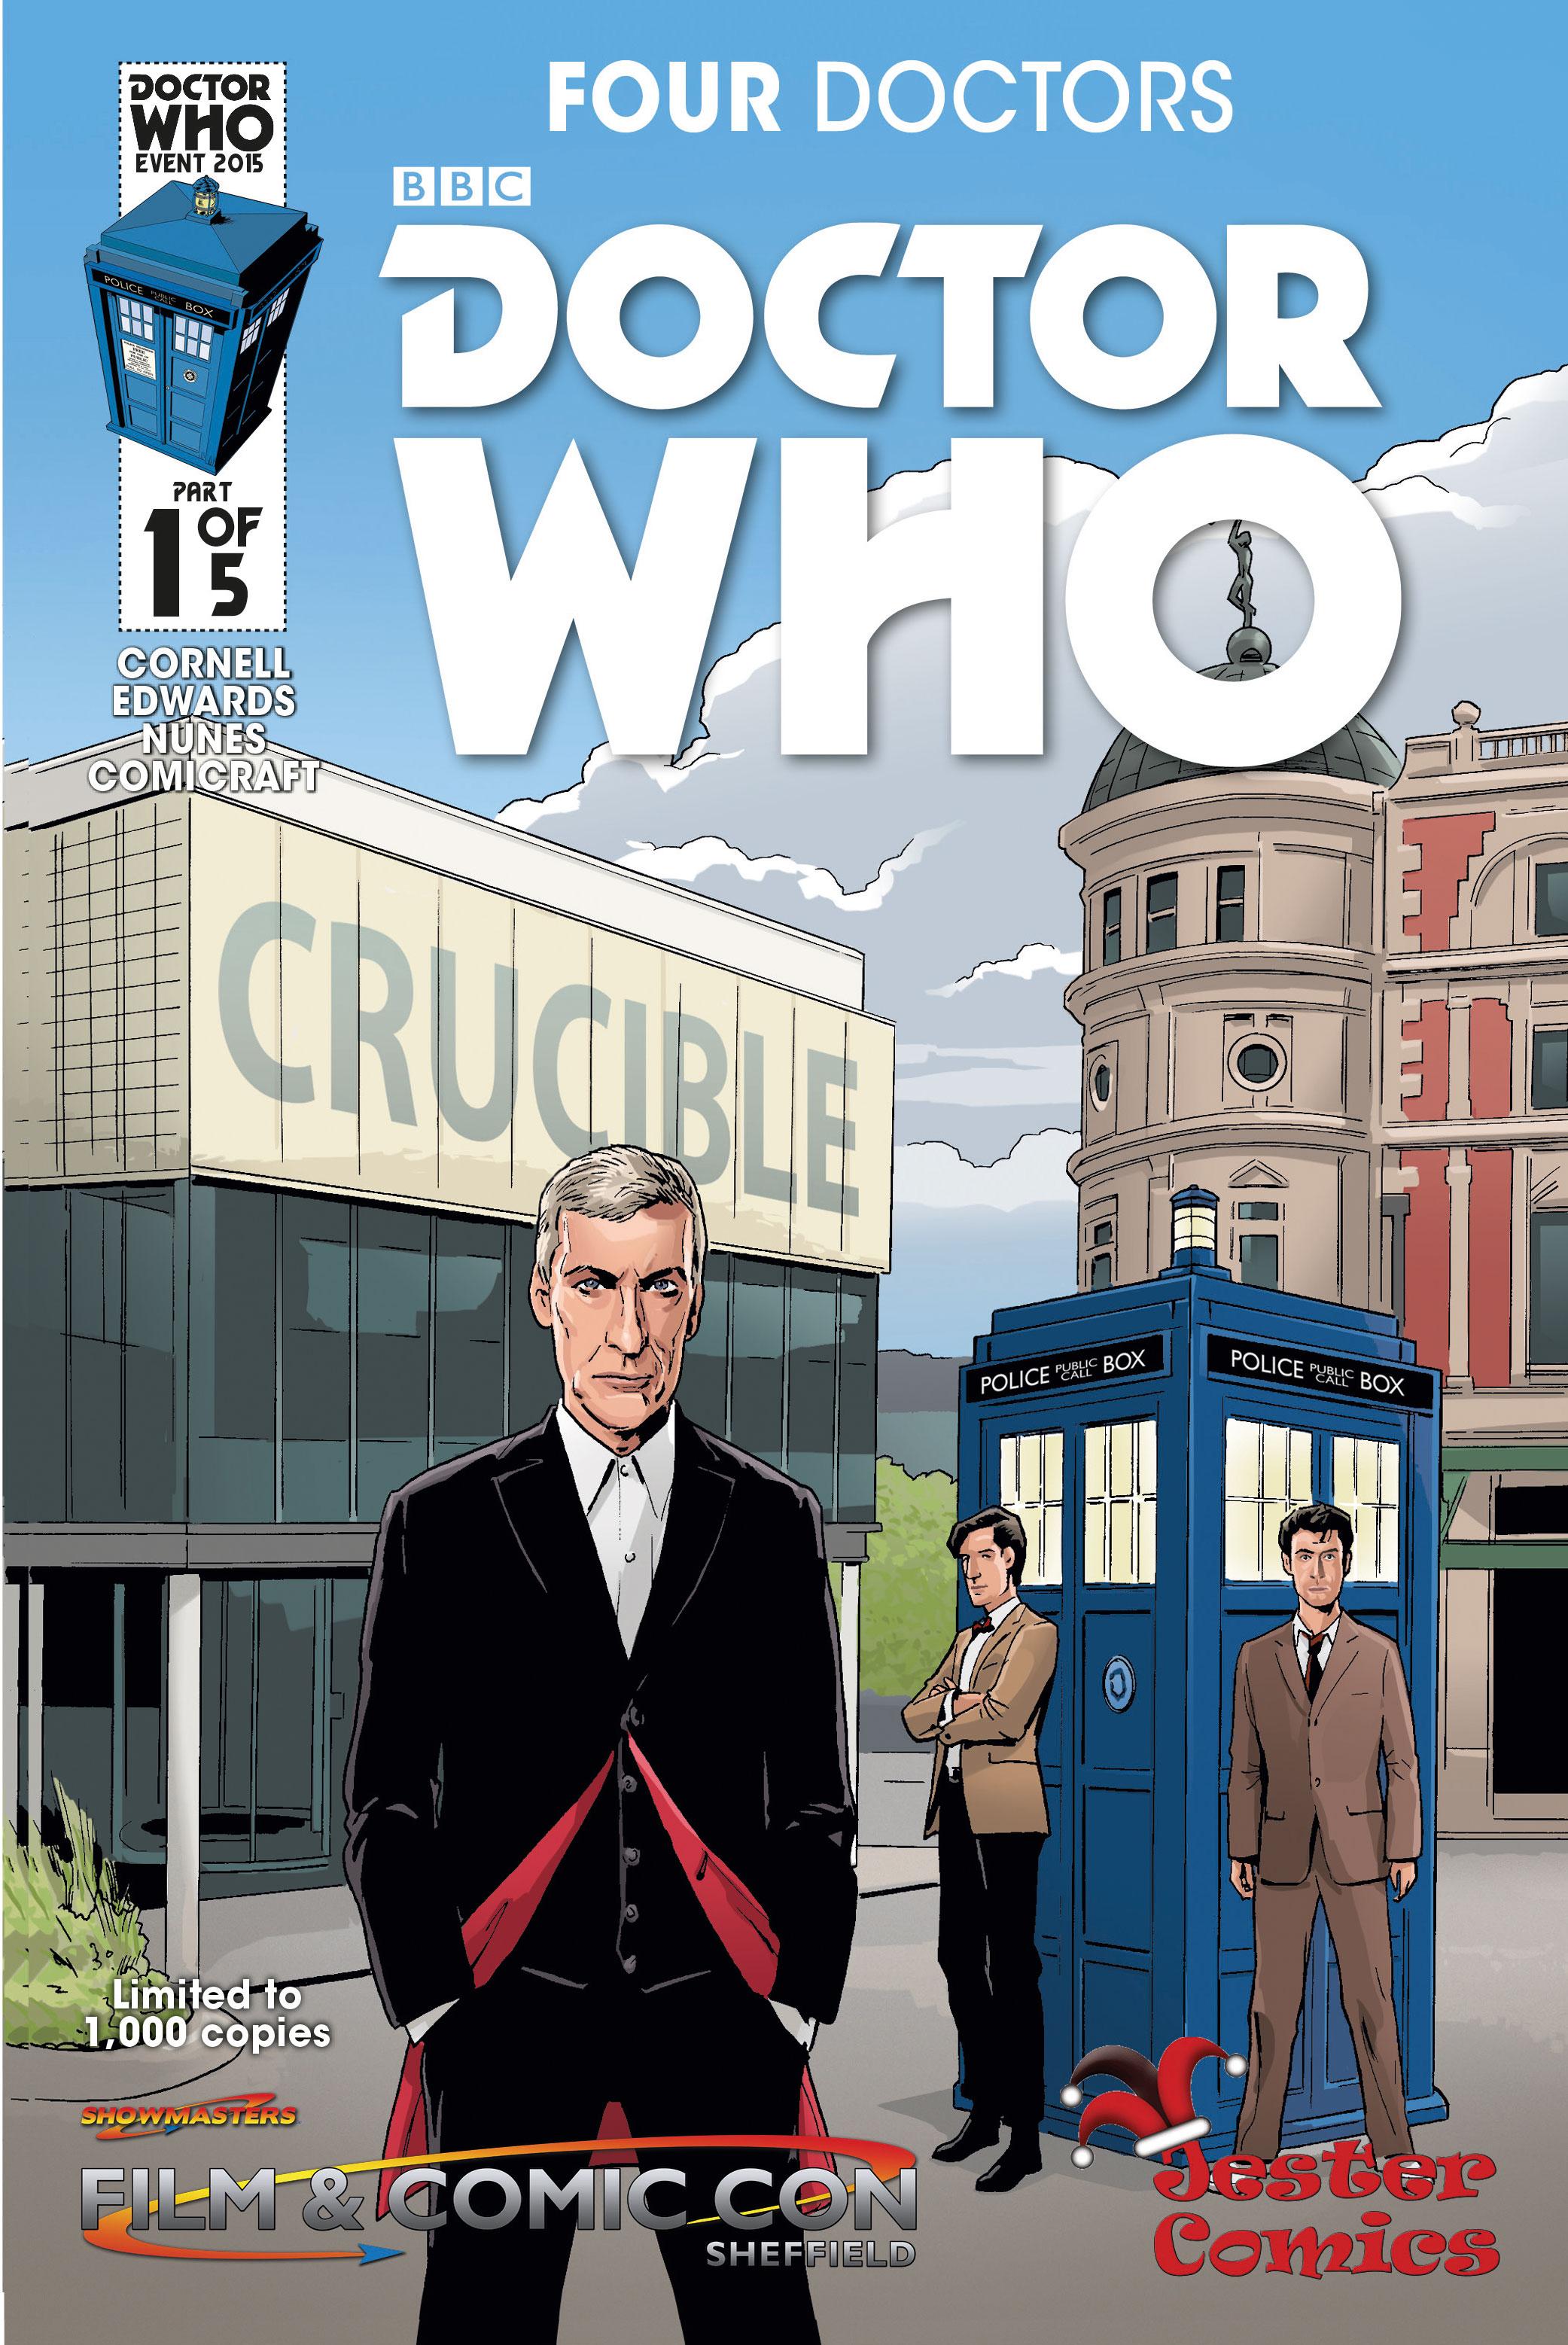 JESTER COMICS VARIANT COVER BY WARREN PLEECE